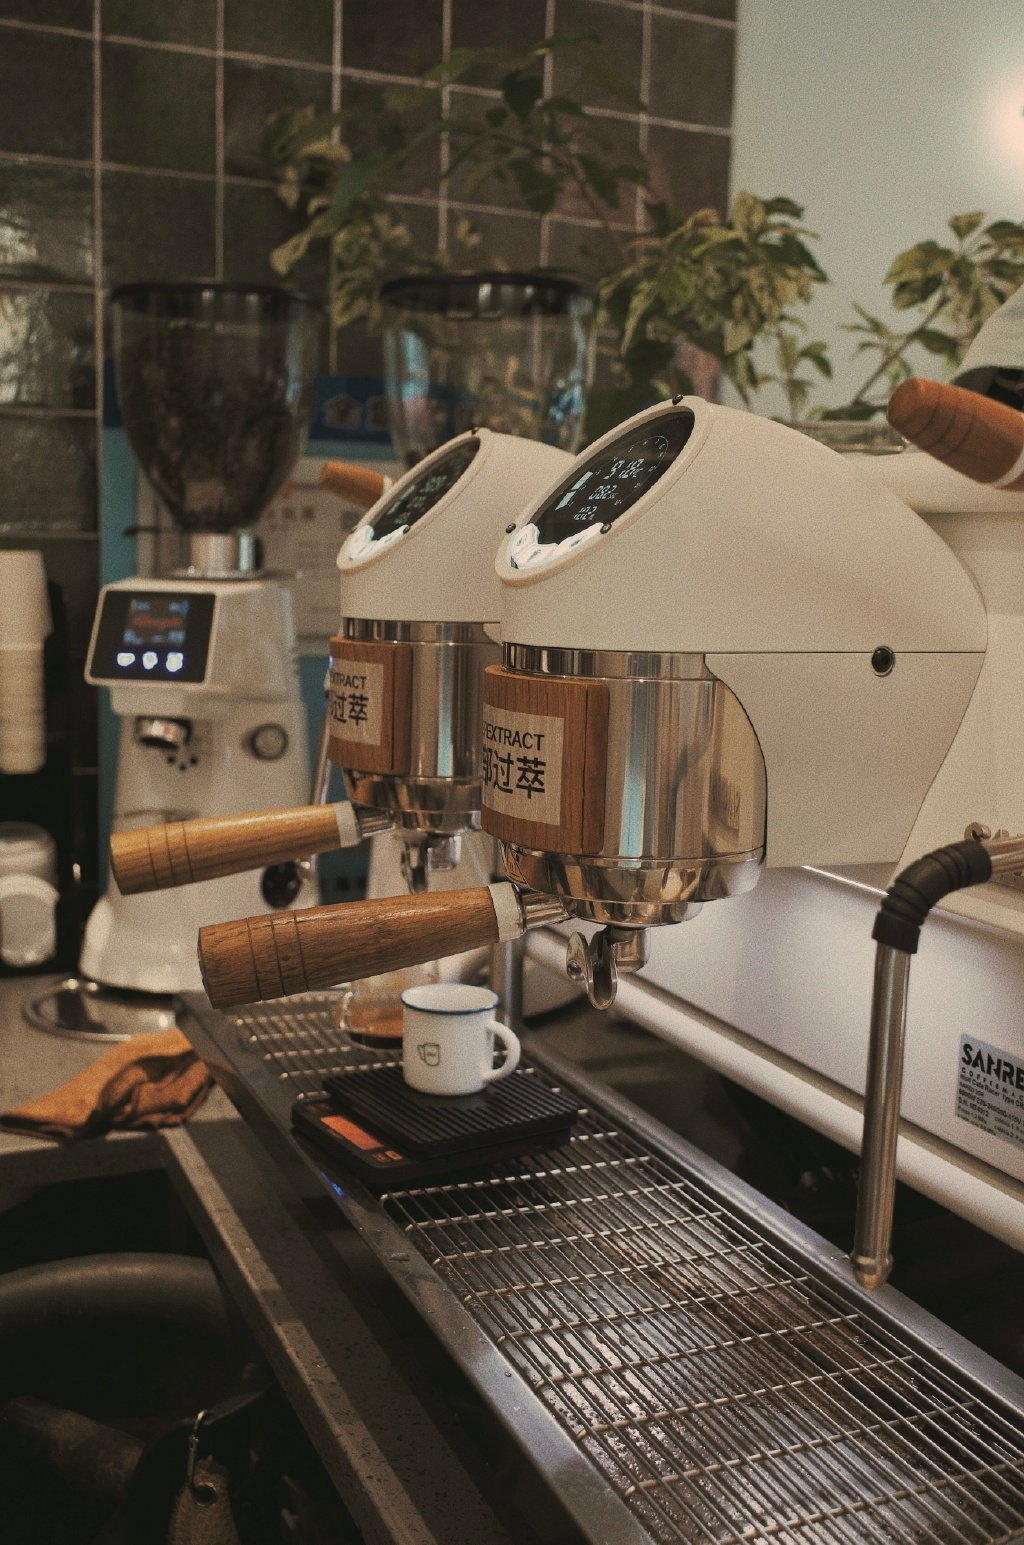 秋风微凉,一起喝杯咖啡聊聊天吧@·芒果团子·